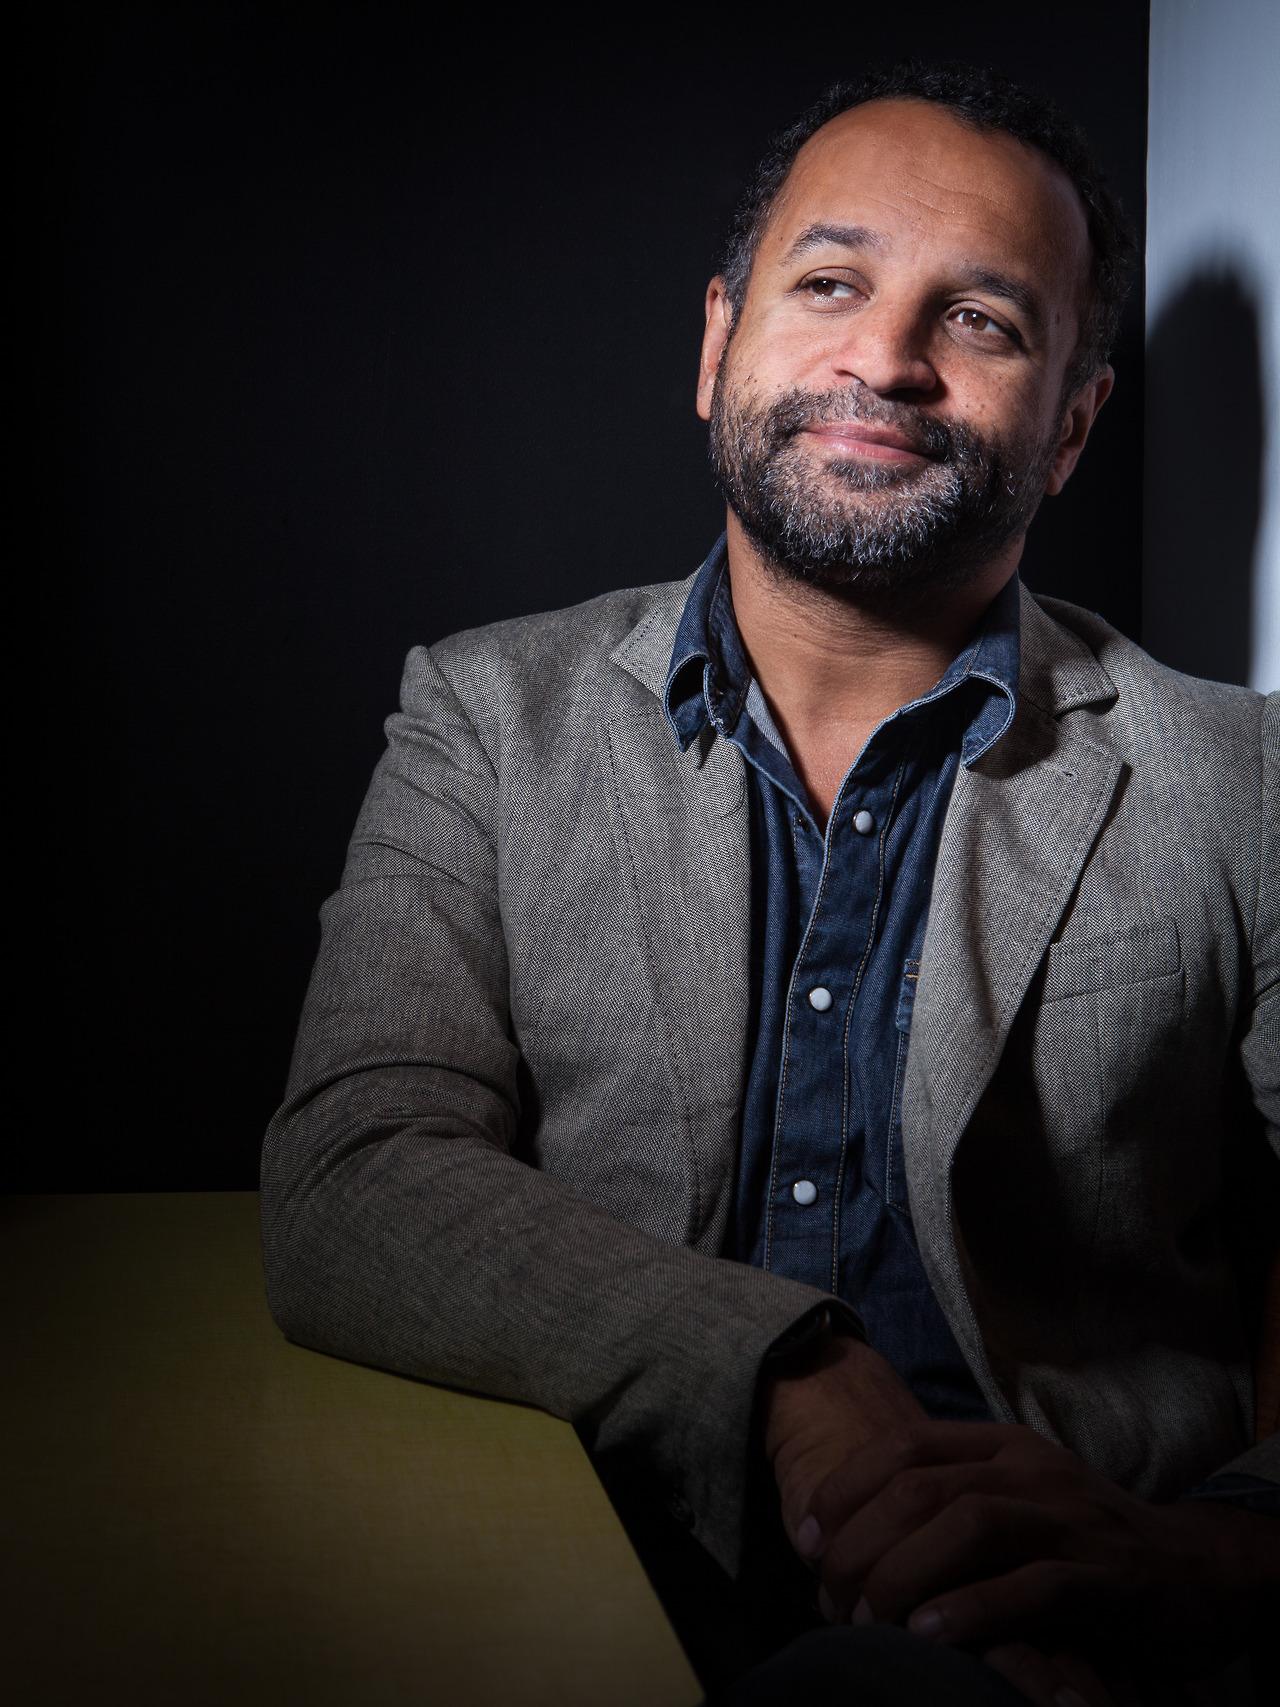 Portrait de Yannig Samot - Comédien et restaurateur - Pour le M Magazine.  http://abonnes.lemonde.fr/style/article/2013/09/27/une-affaire-de-gout-yannig-samot_3485085_1575563.html